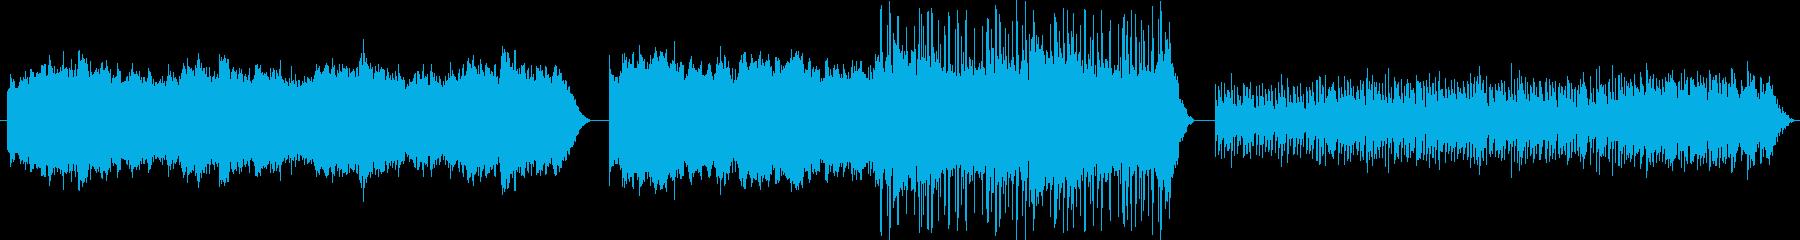 【宝石箱】SAPPHIREの再生済みの波形